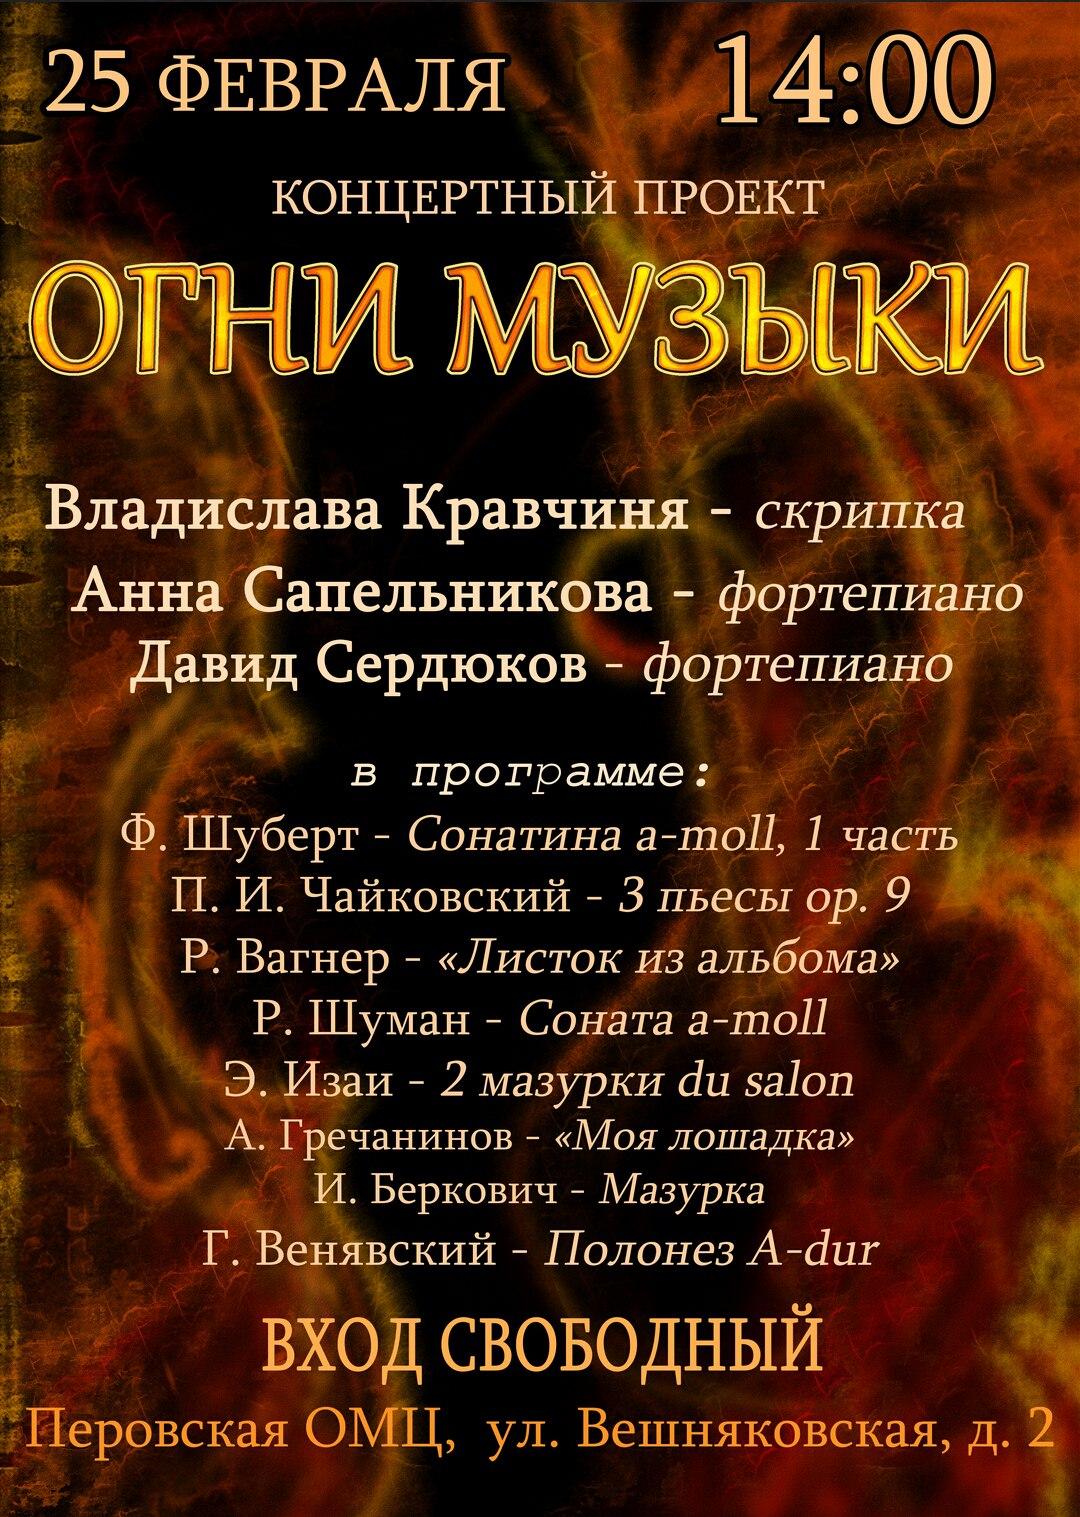 dAobpmNxdo4.jpg